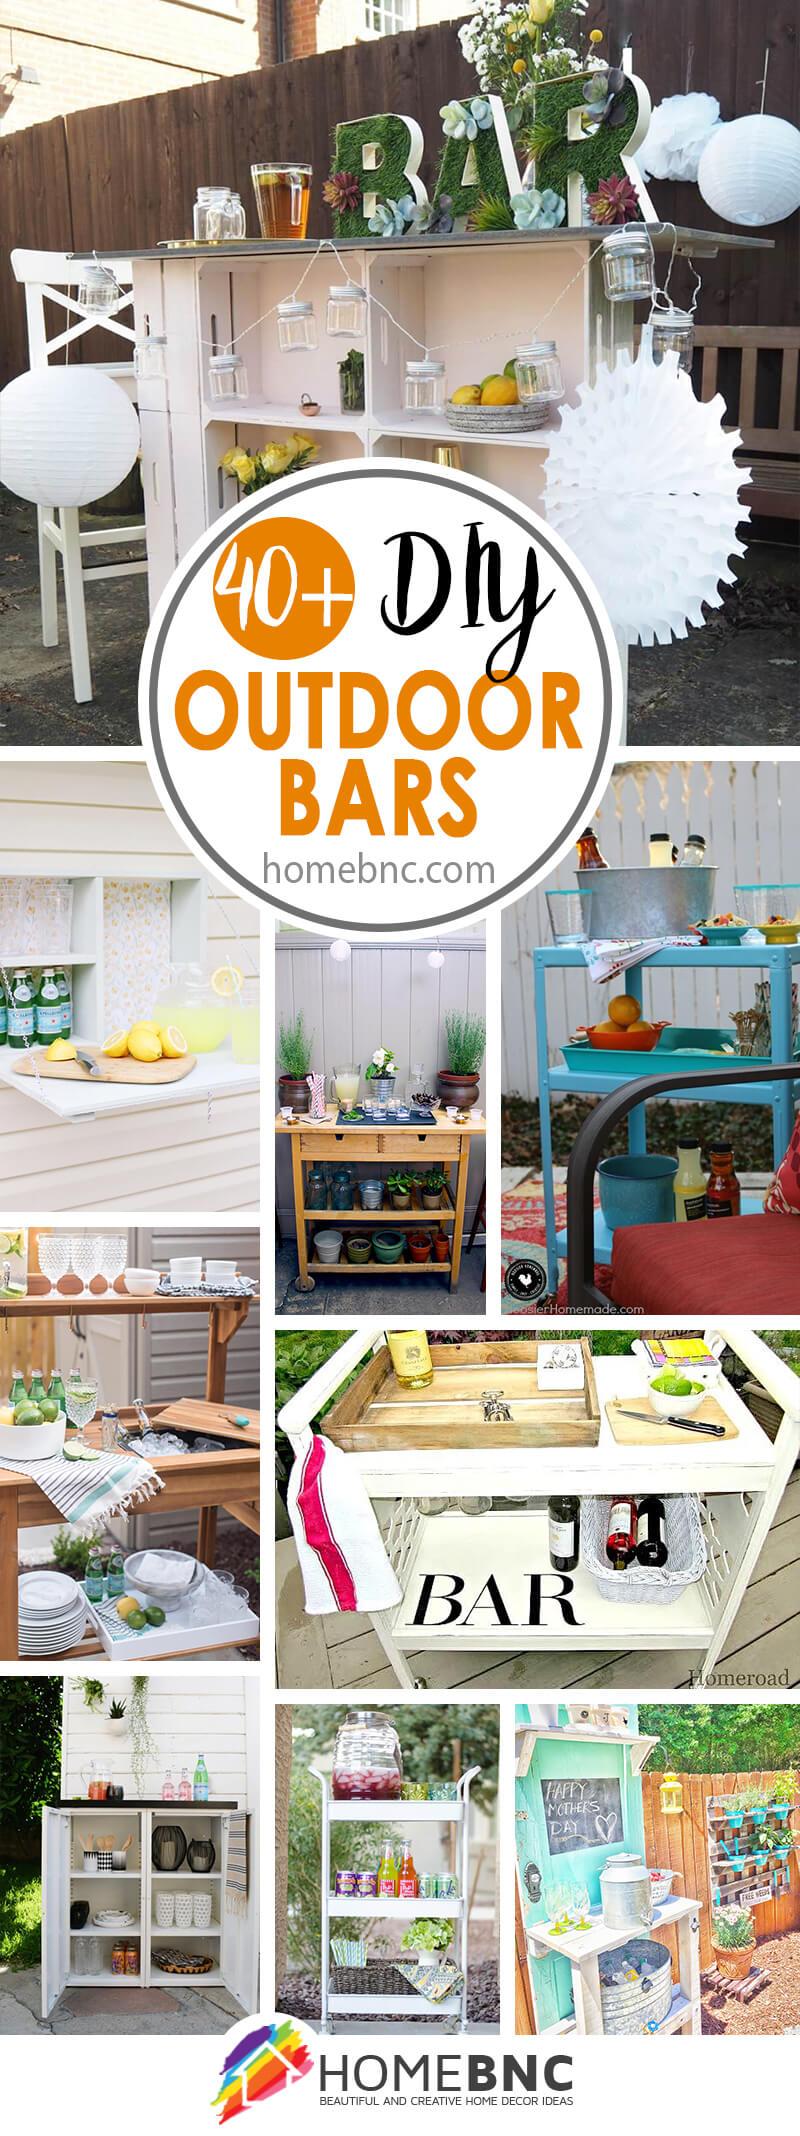 DIY Outdoor Bar Decor Ideas